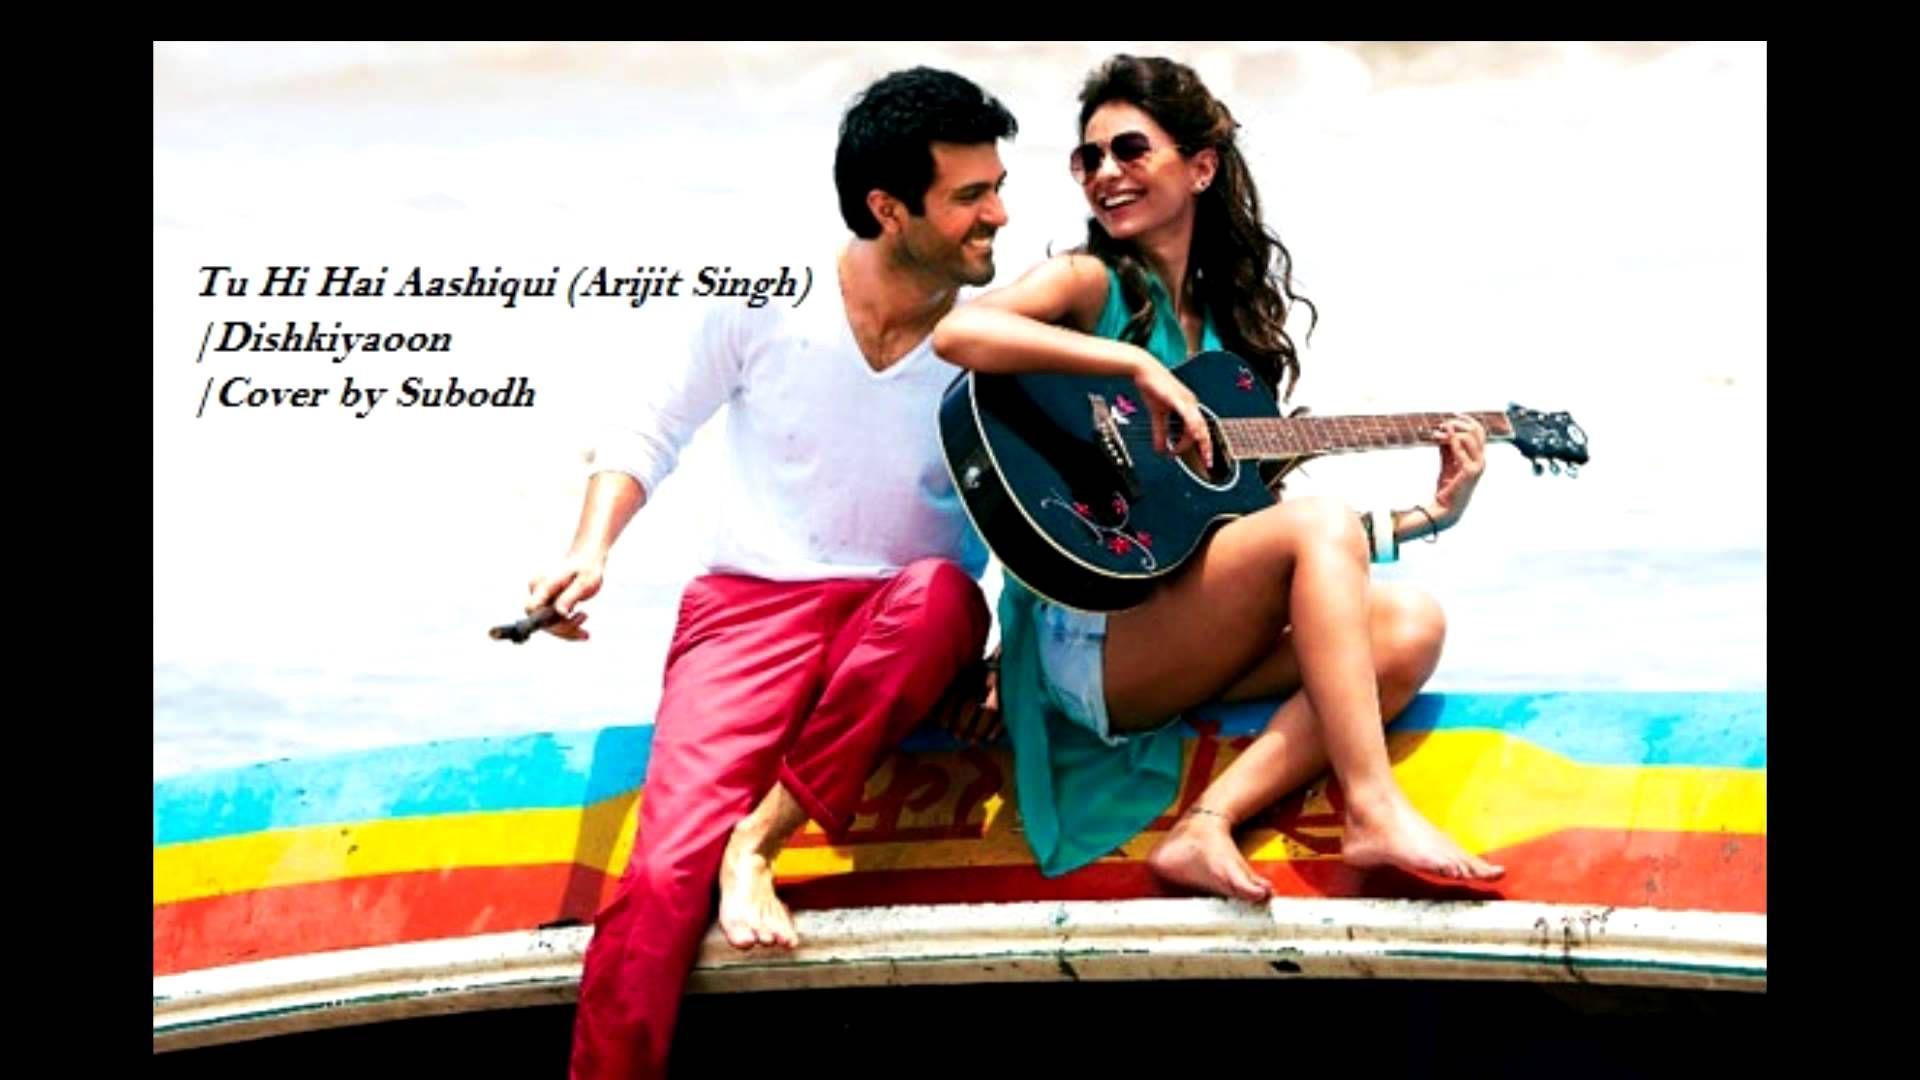 Tu Hi Hai Aashiqui Arijit Singh Cover By Subodh Music